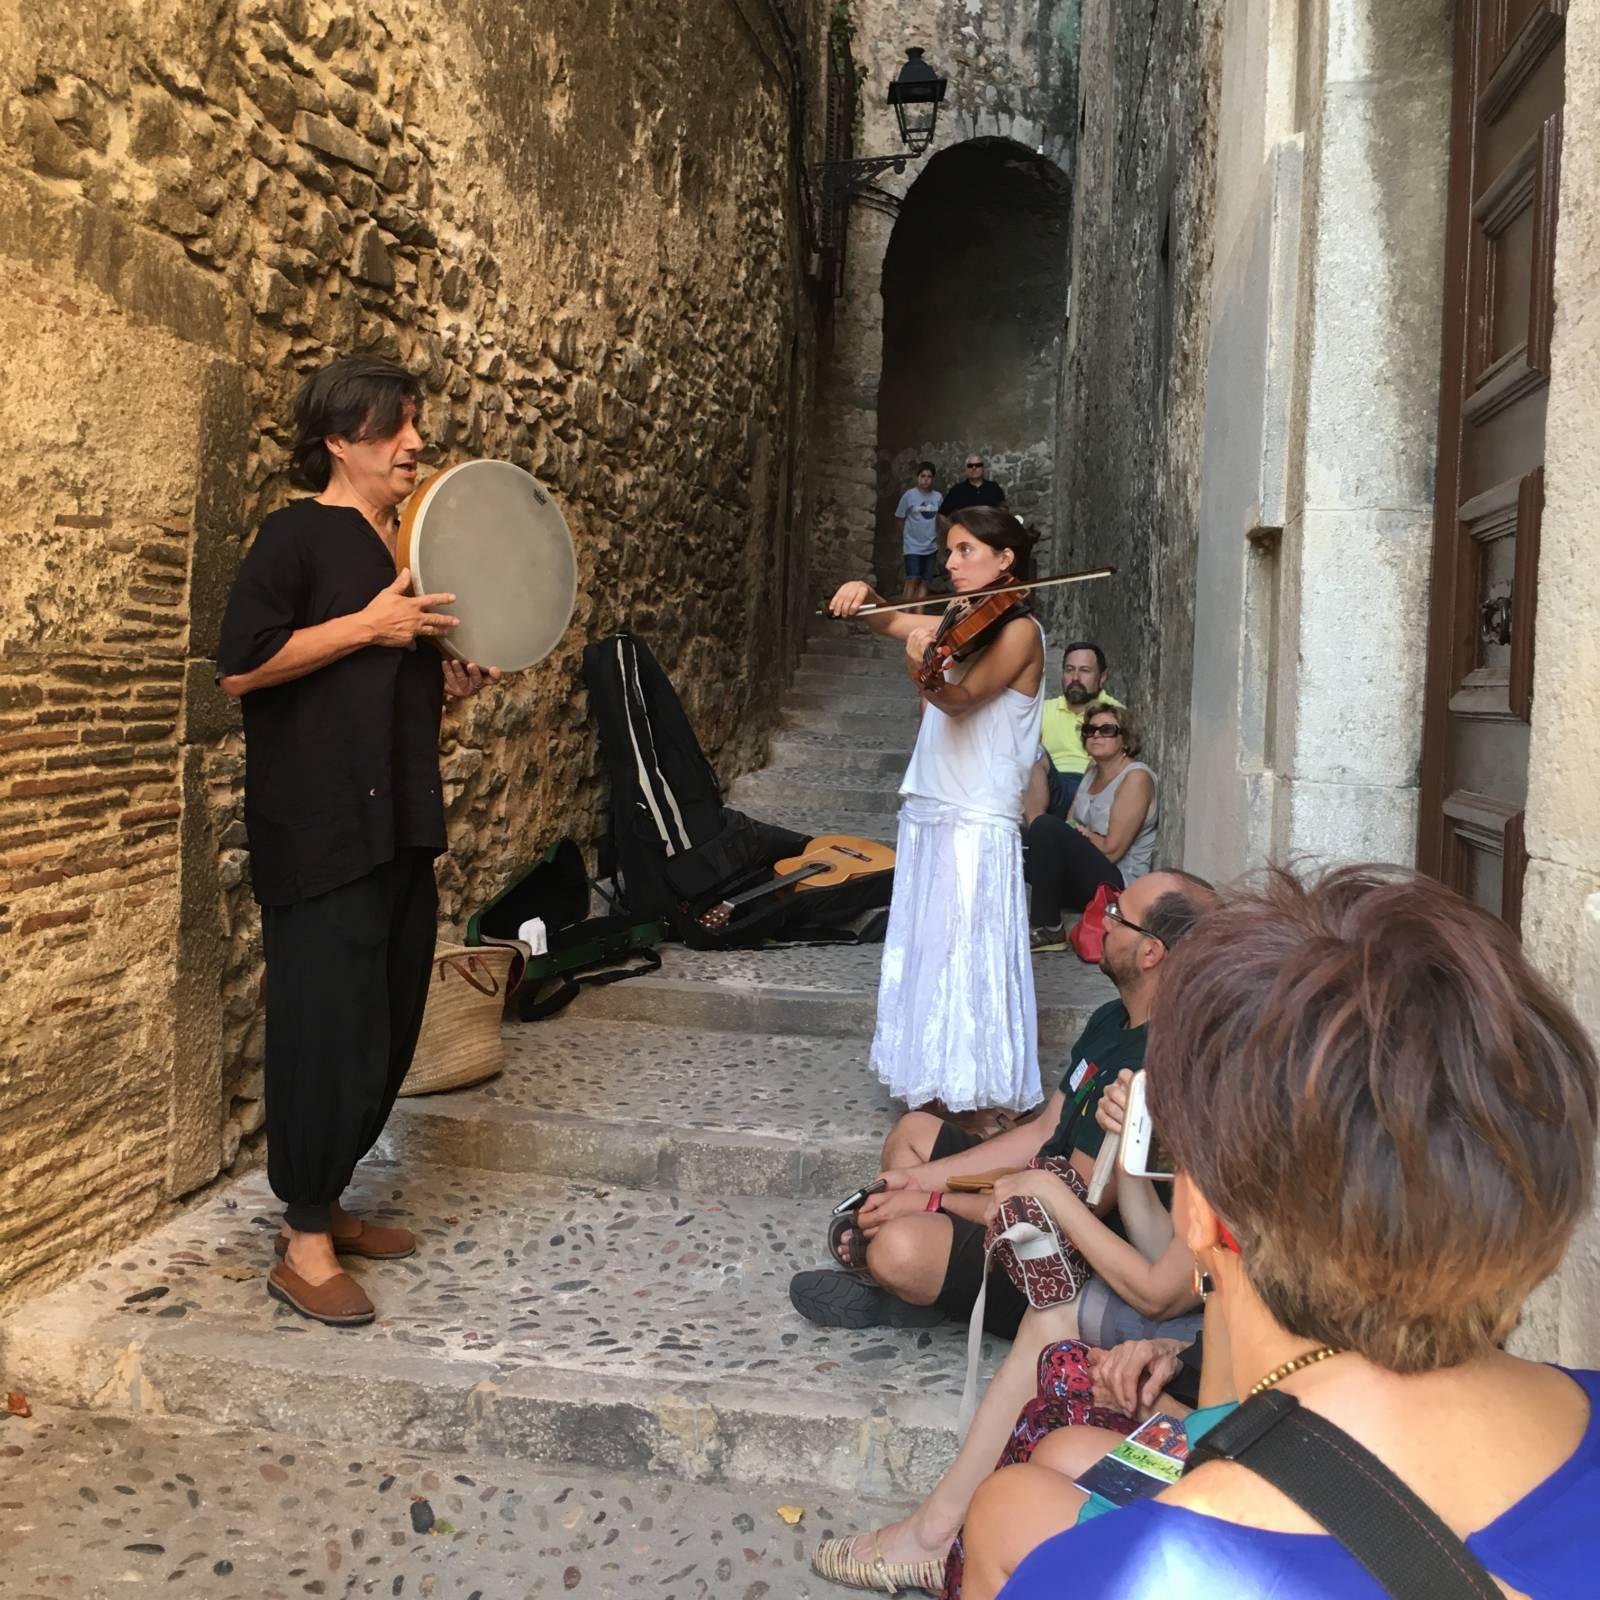 Beim musikalischen Spaziergang durch das Call © Patronat Call de Girona